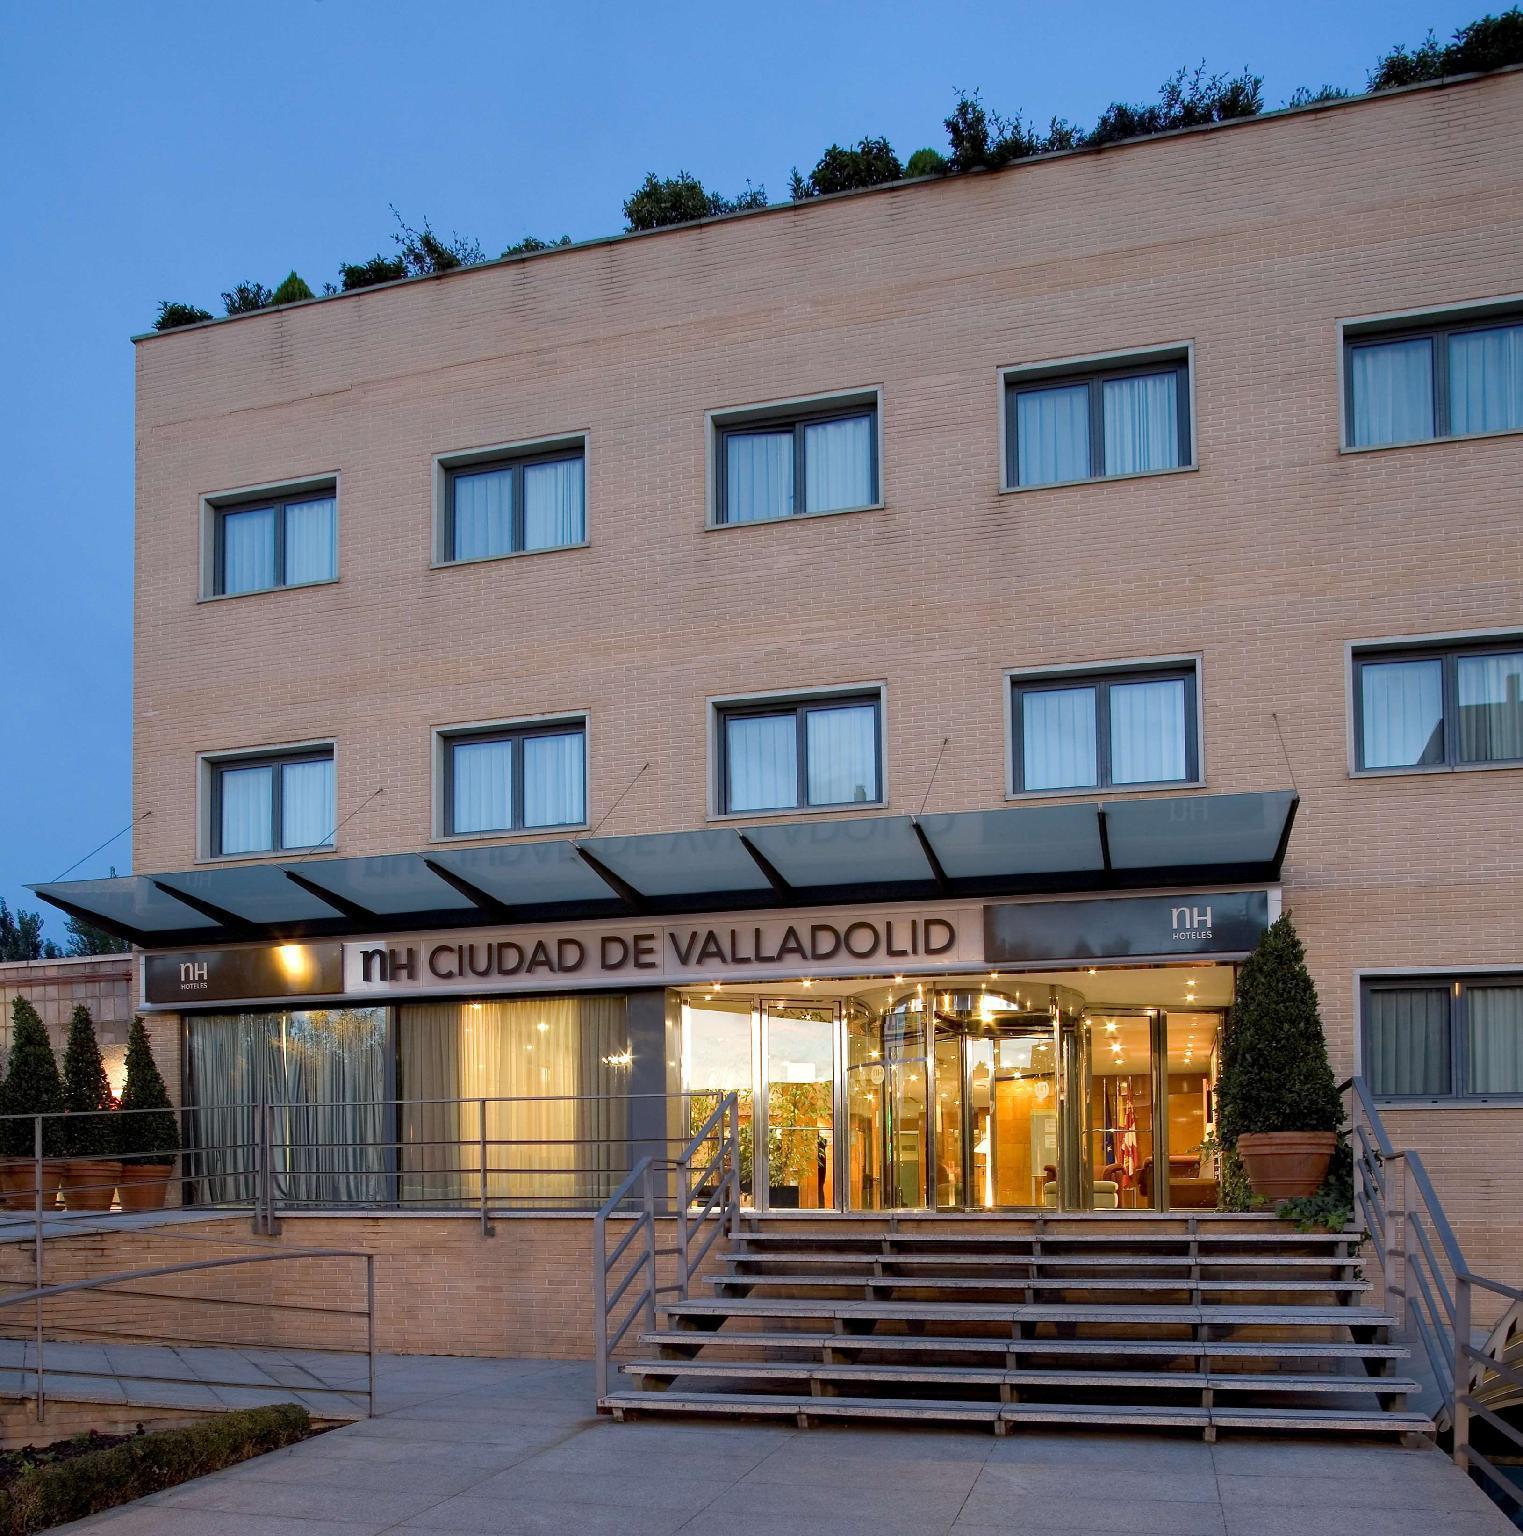 Nh Ciudad De Valladolid Hotel